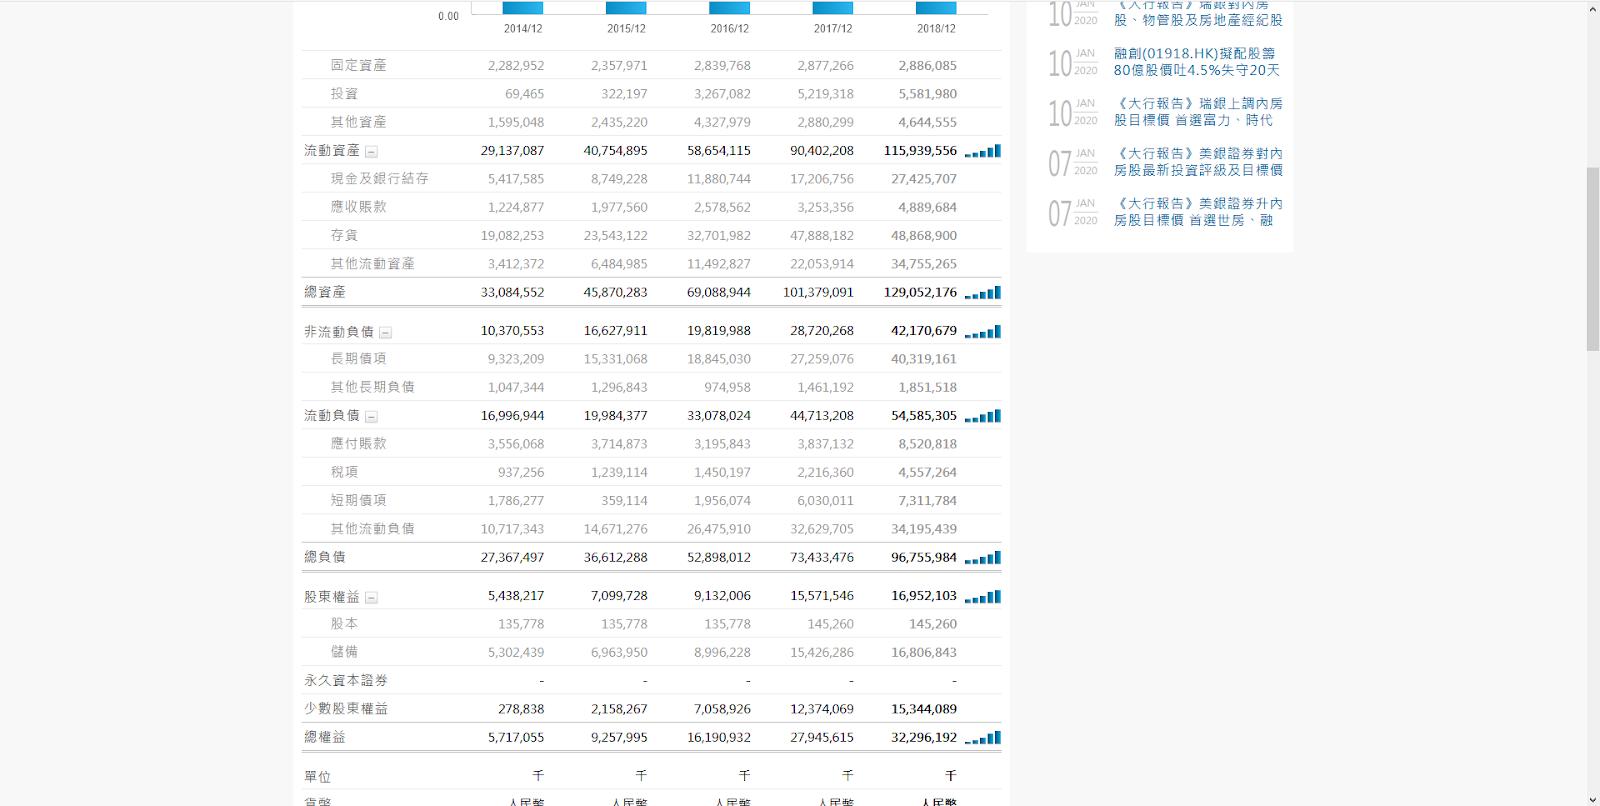 學習儲蓄與投資: 時代中國 個股初步分析